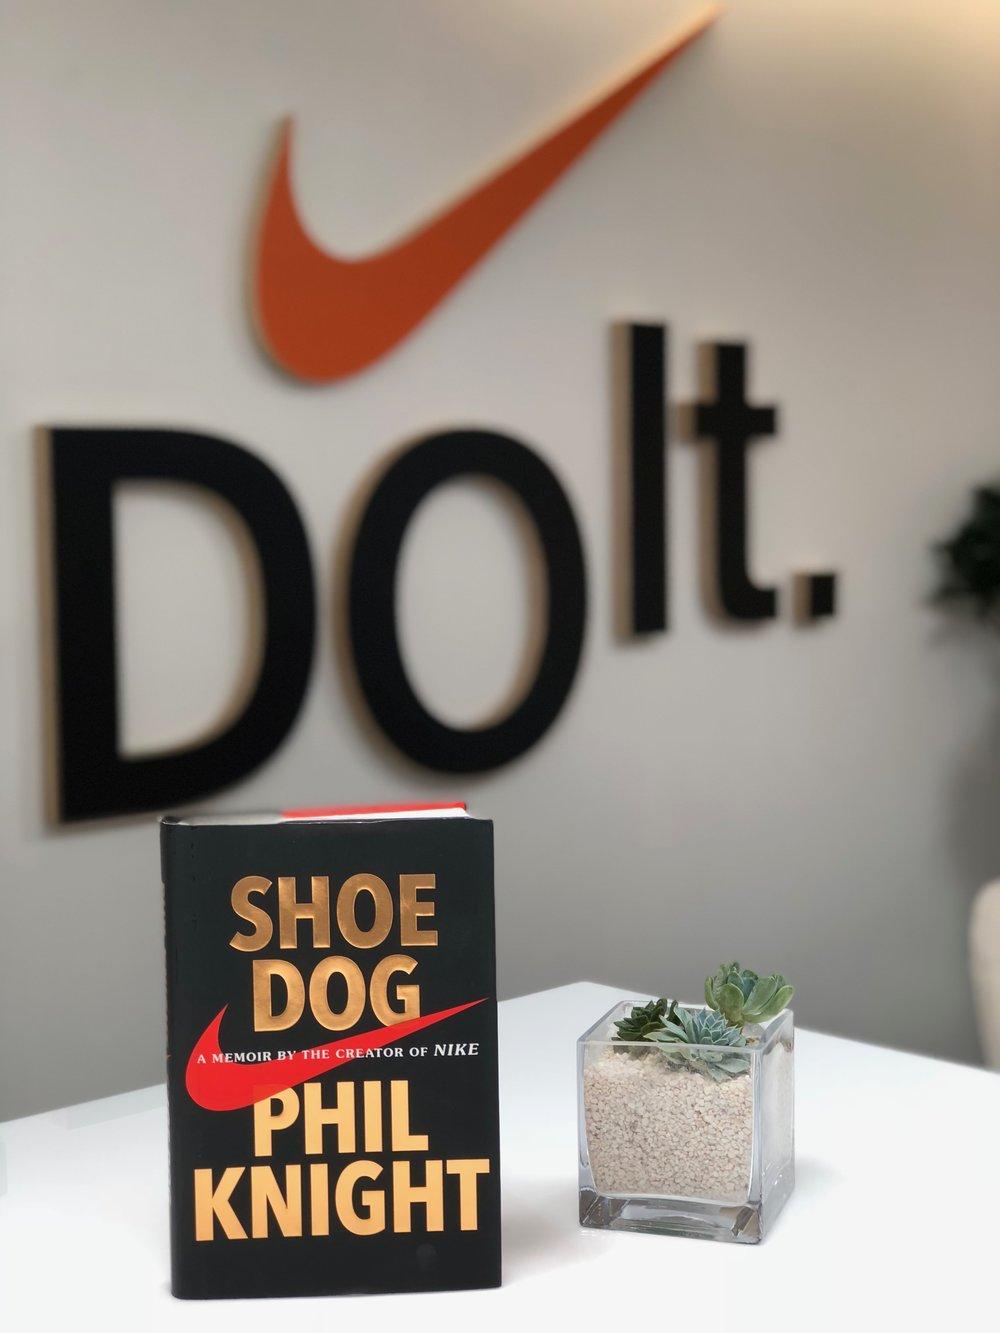 Just Do It Swoosh - Shoe Dog Book - Succulent Plant - PORTRAIT MODE.jpg